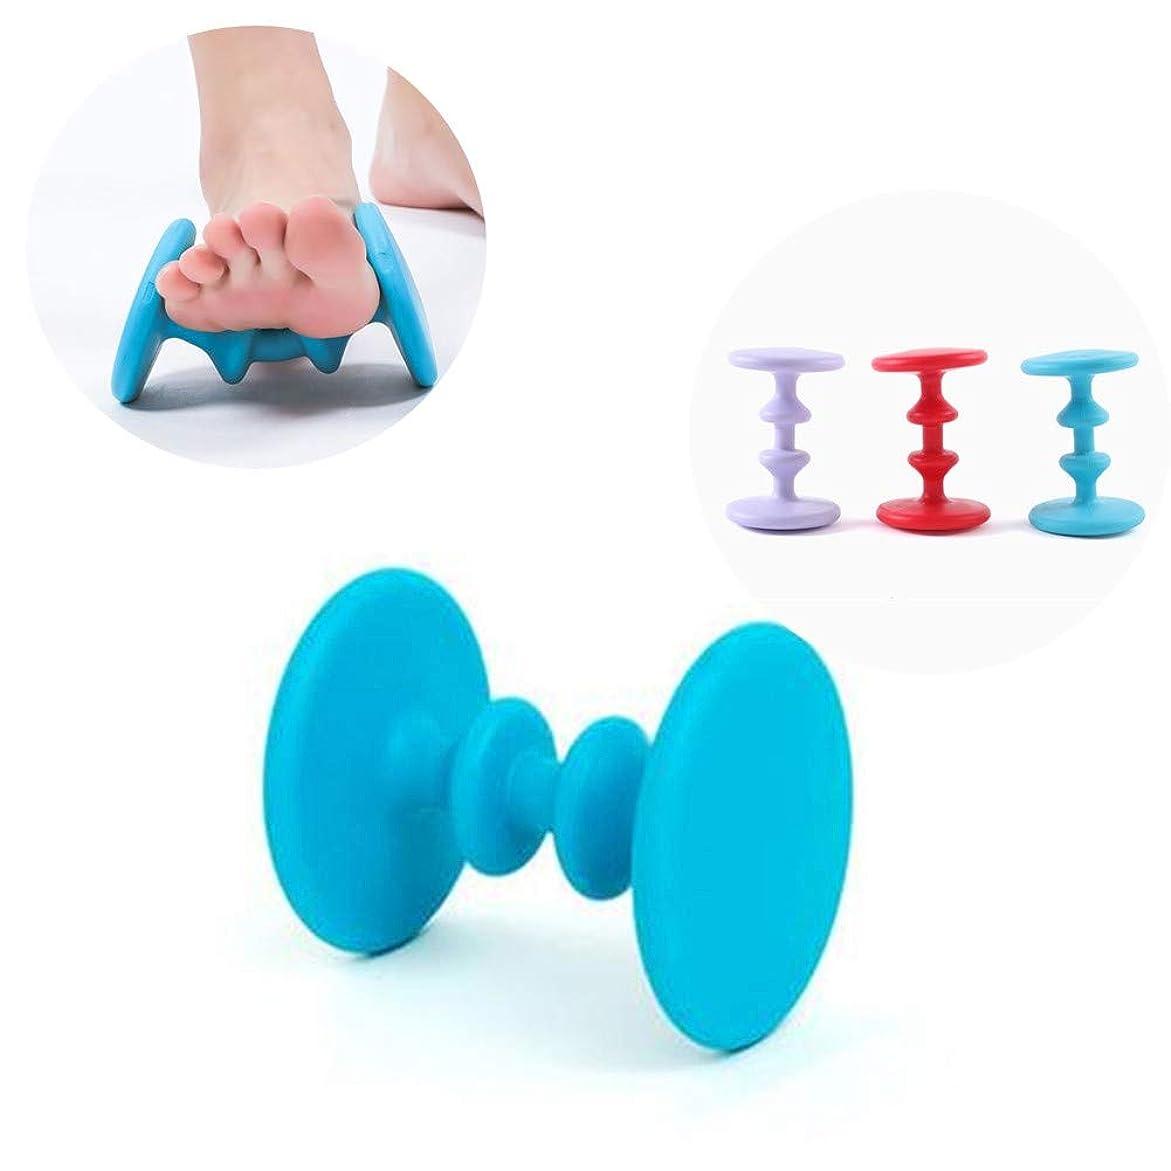 交流する魔術ワーディアンケースフットマッサージローラー、アキュポイントマッサージ器快適なリラクゼーションツール足底筋膜炎リラックス(3色選択可能)